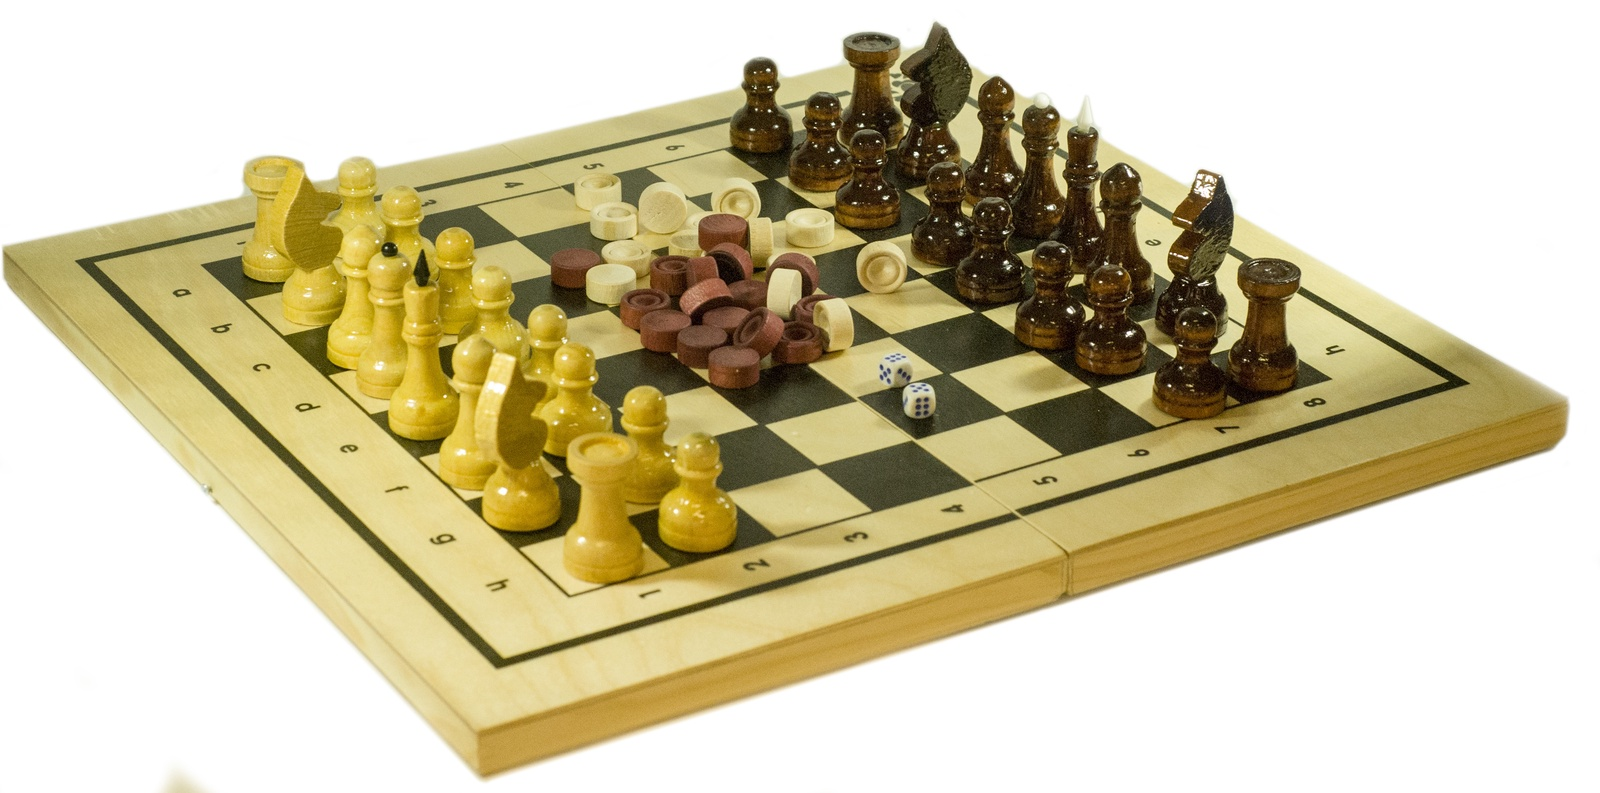 Настольная игра 2 в 1 Шахматы и нарды настольная игра нарды шахматы нарды малые деревянные в ассортименте в 1